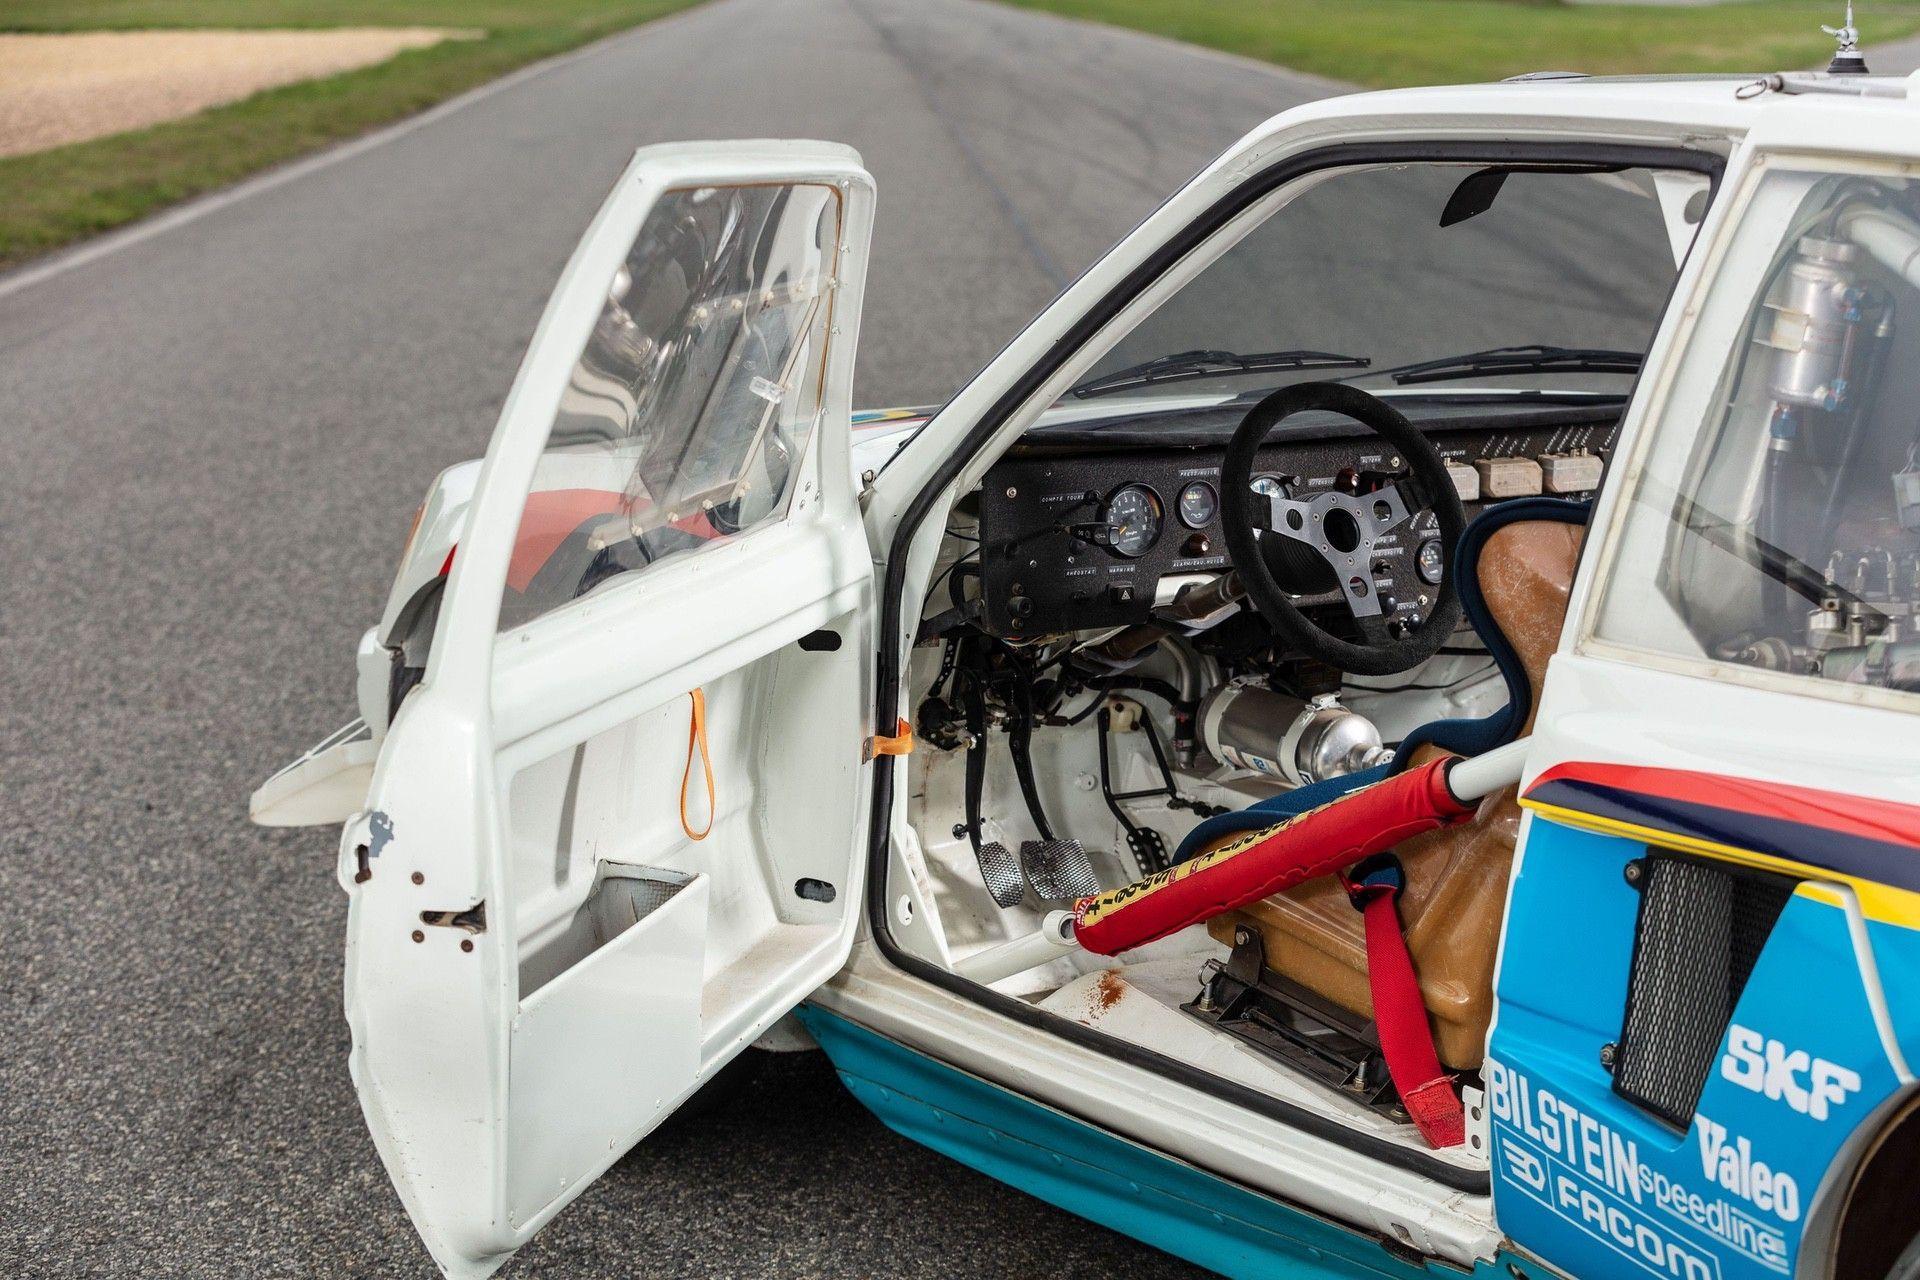 1985_Peugeot_205_Turbo_16_Evolution_2_sale-0019